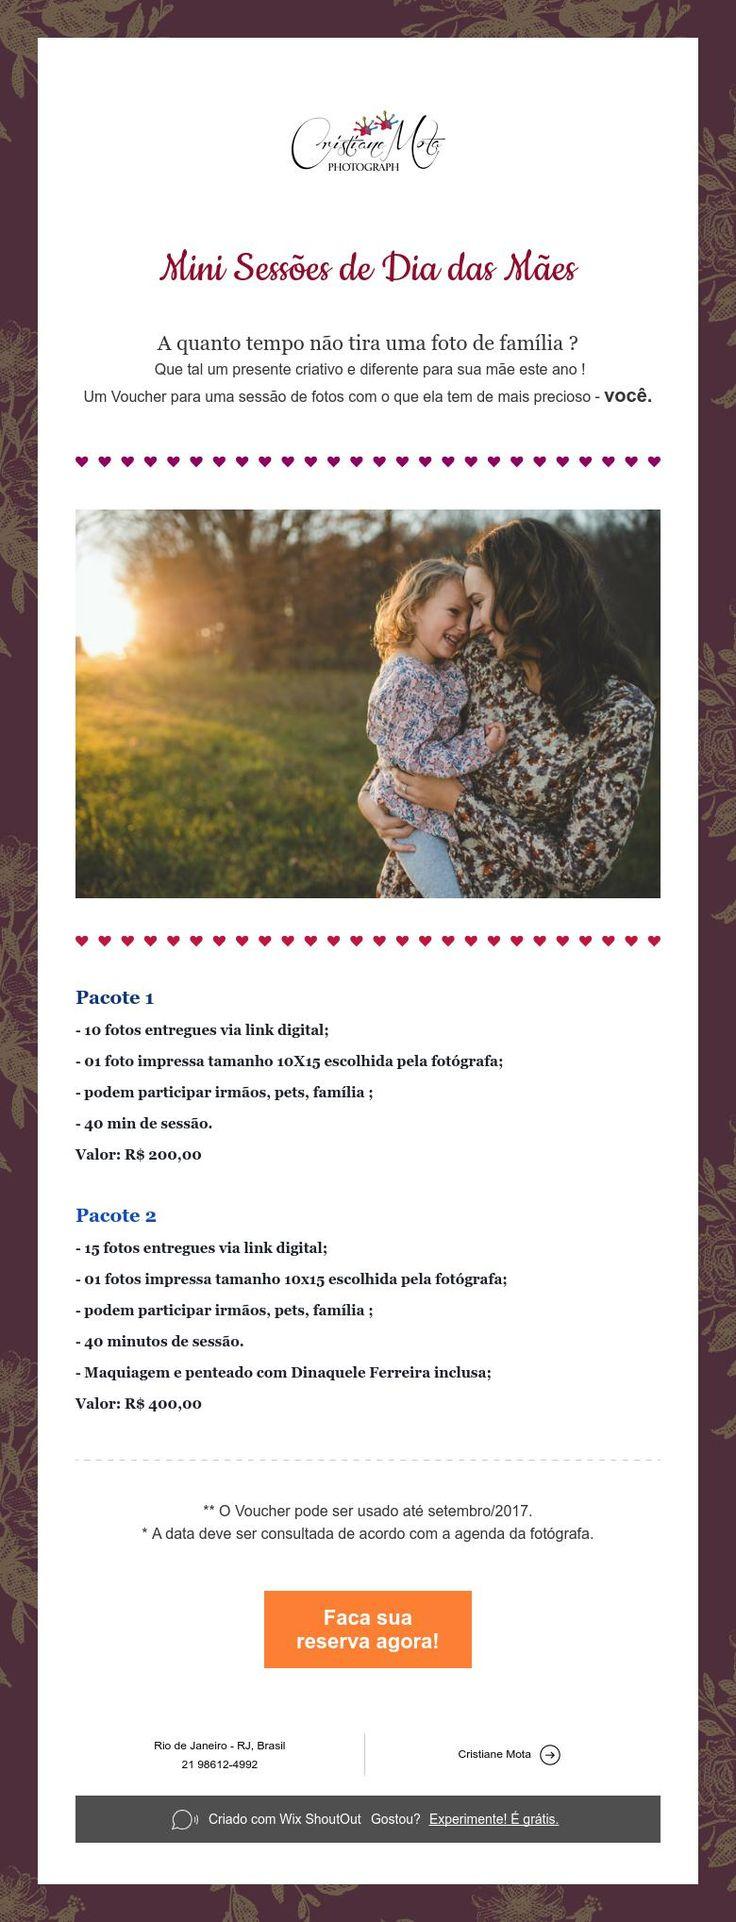 Mini Sessões de Dia das Mães